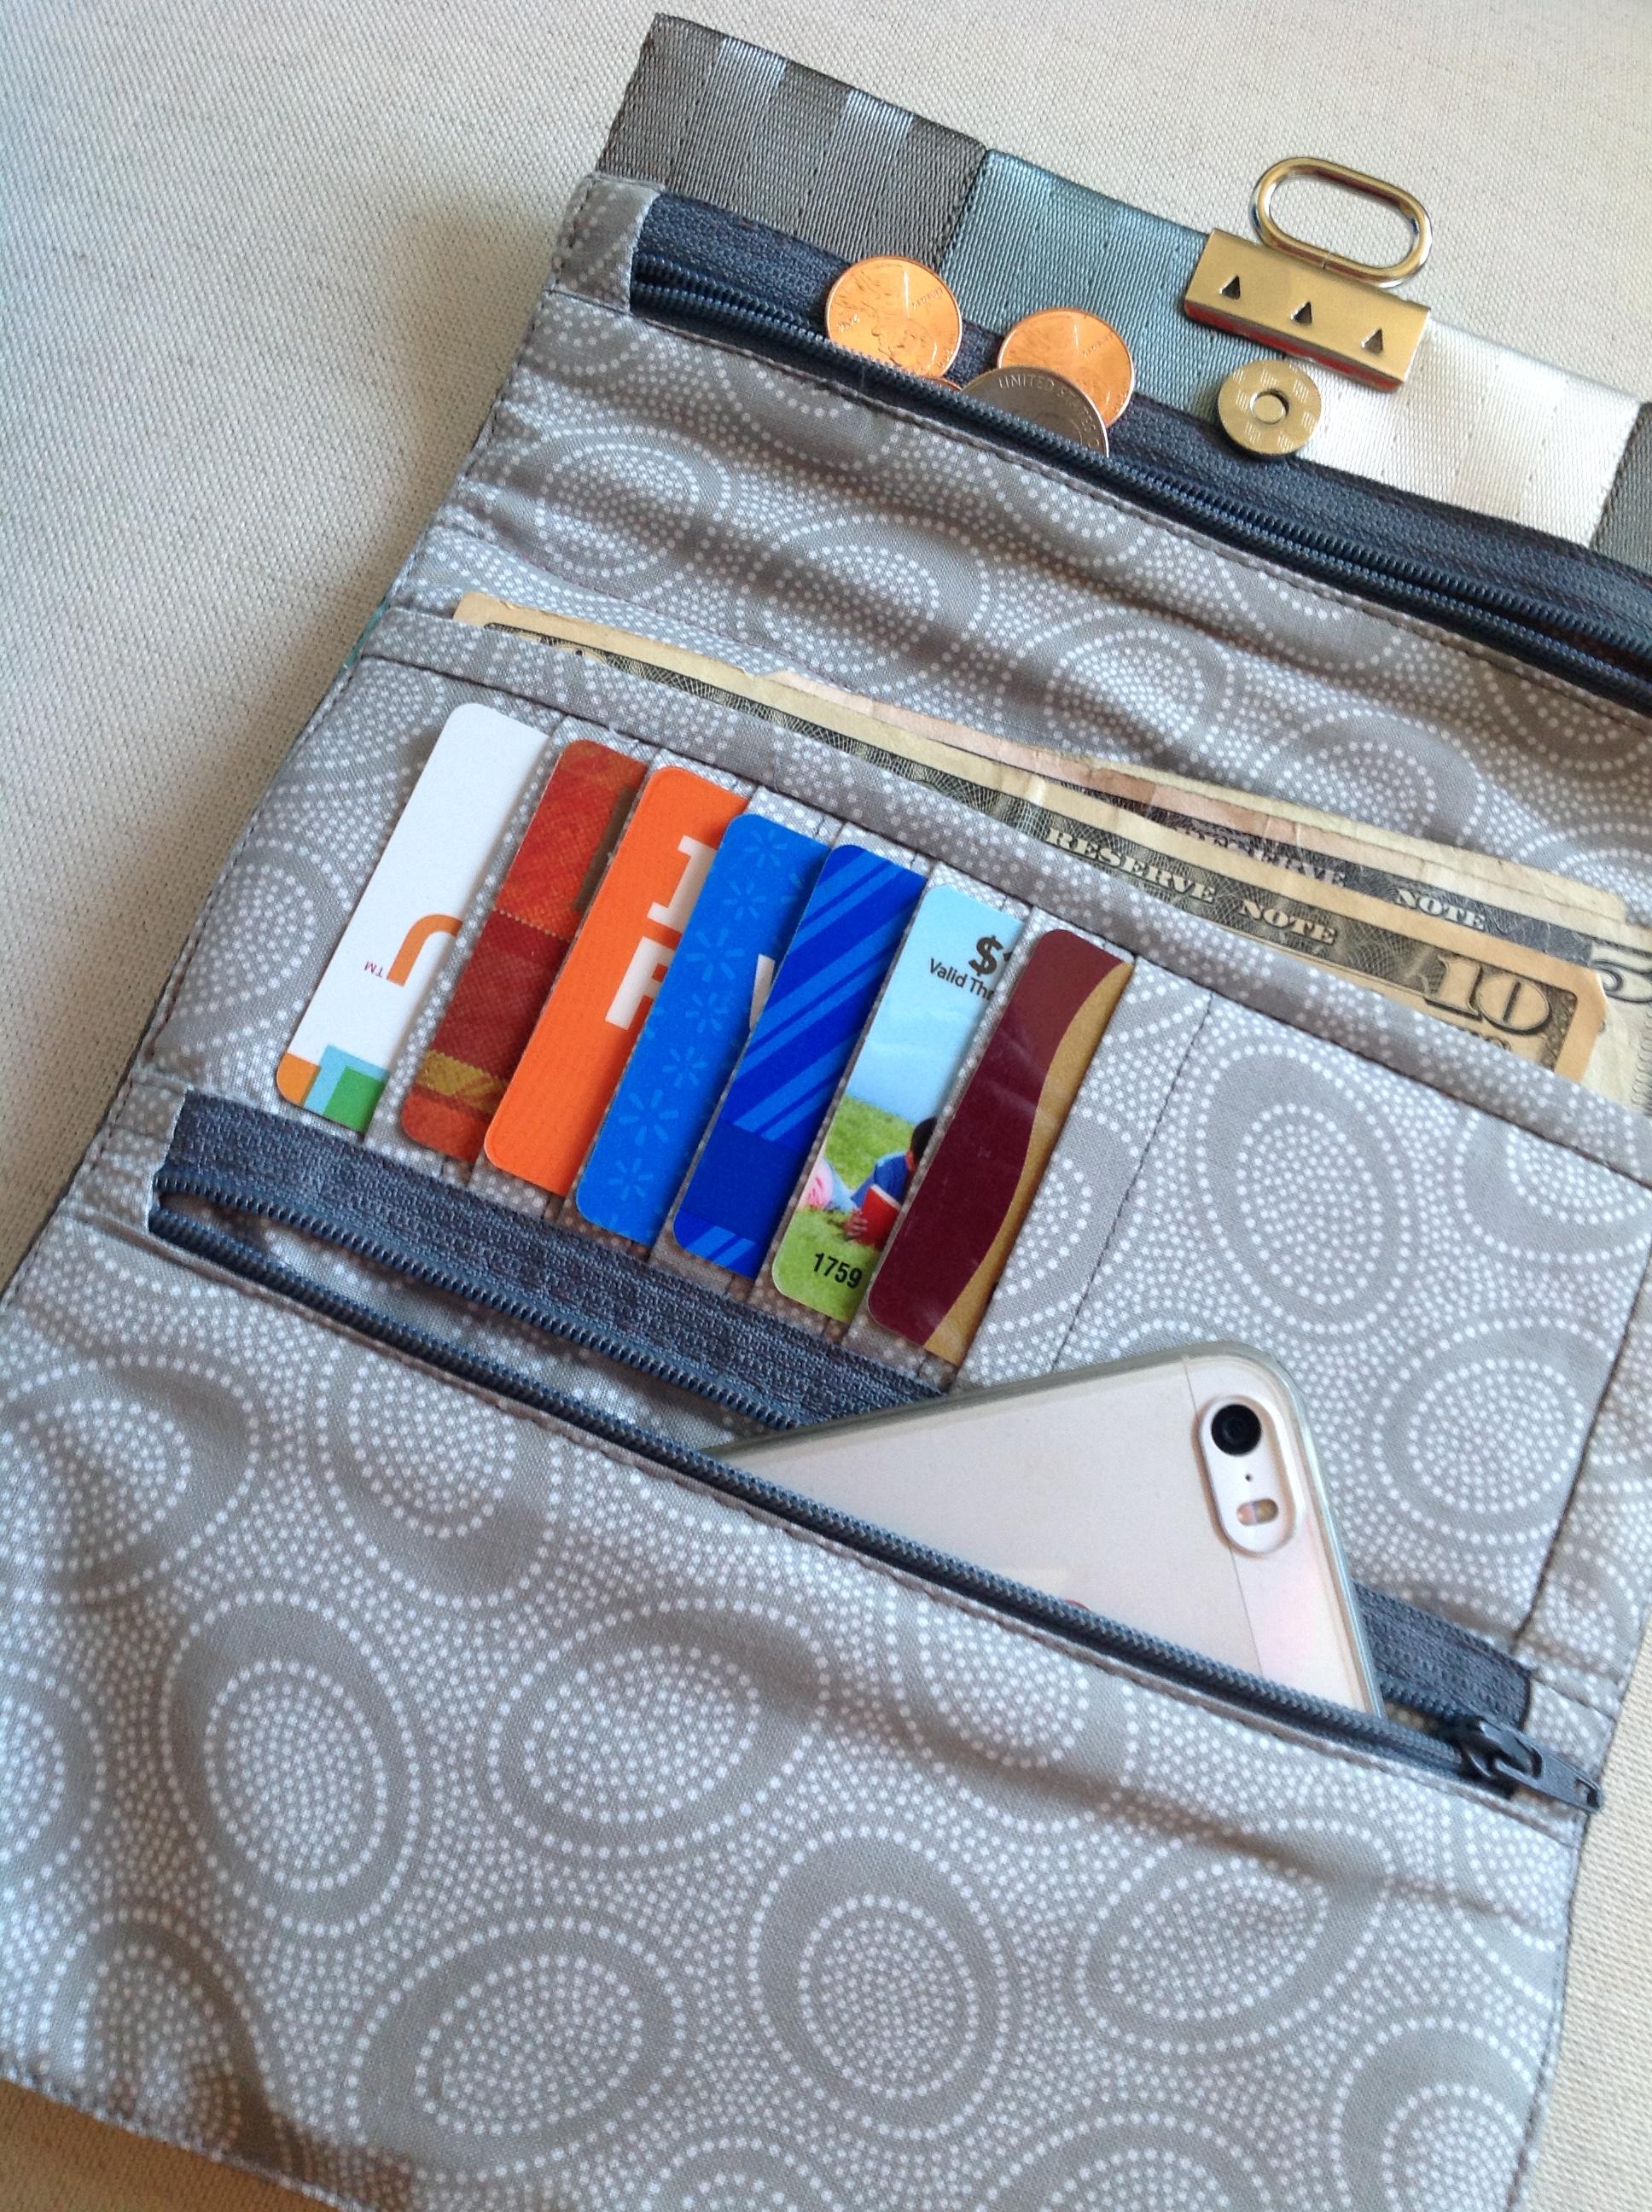 inside the tri-fold wallet